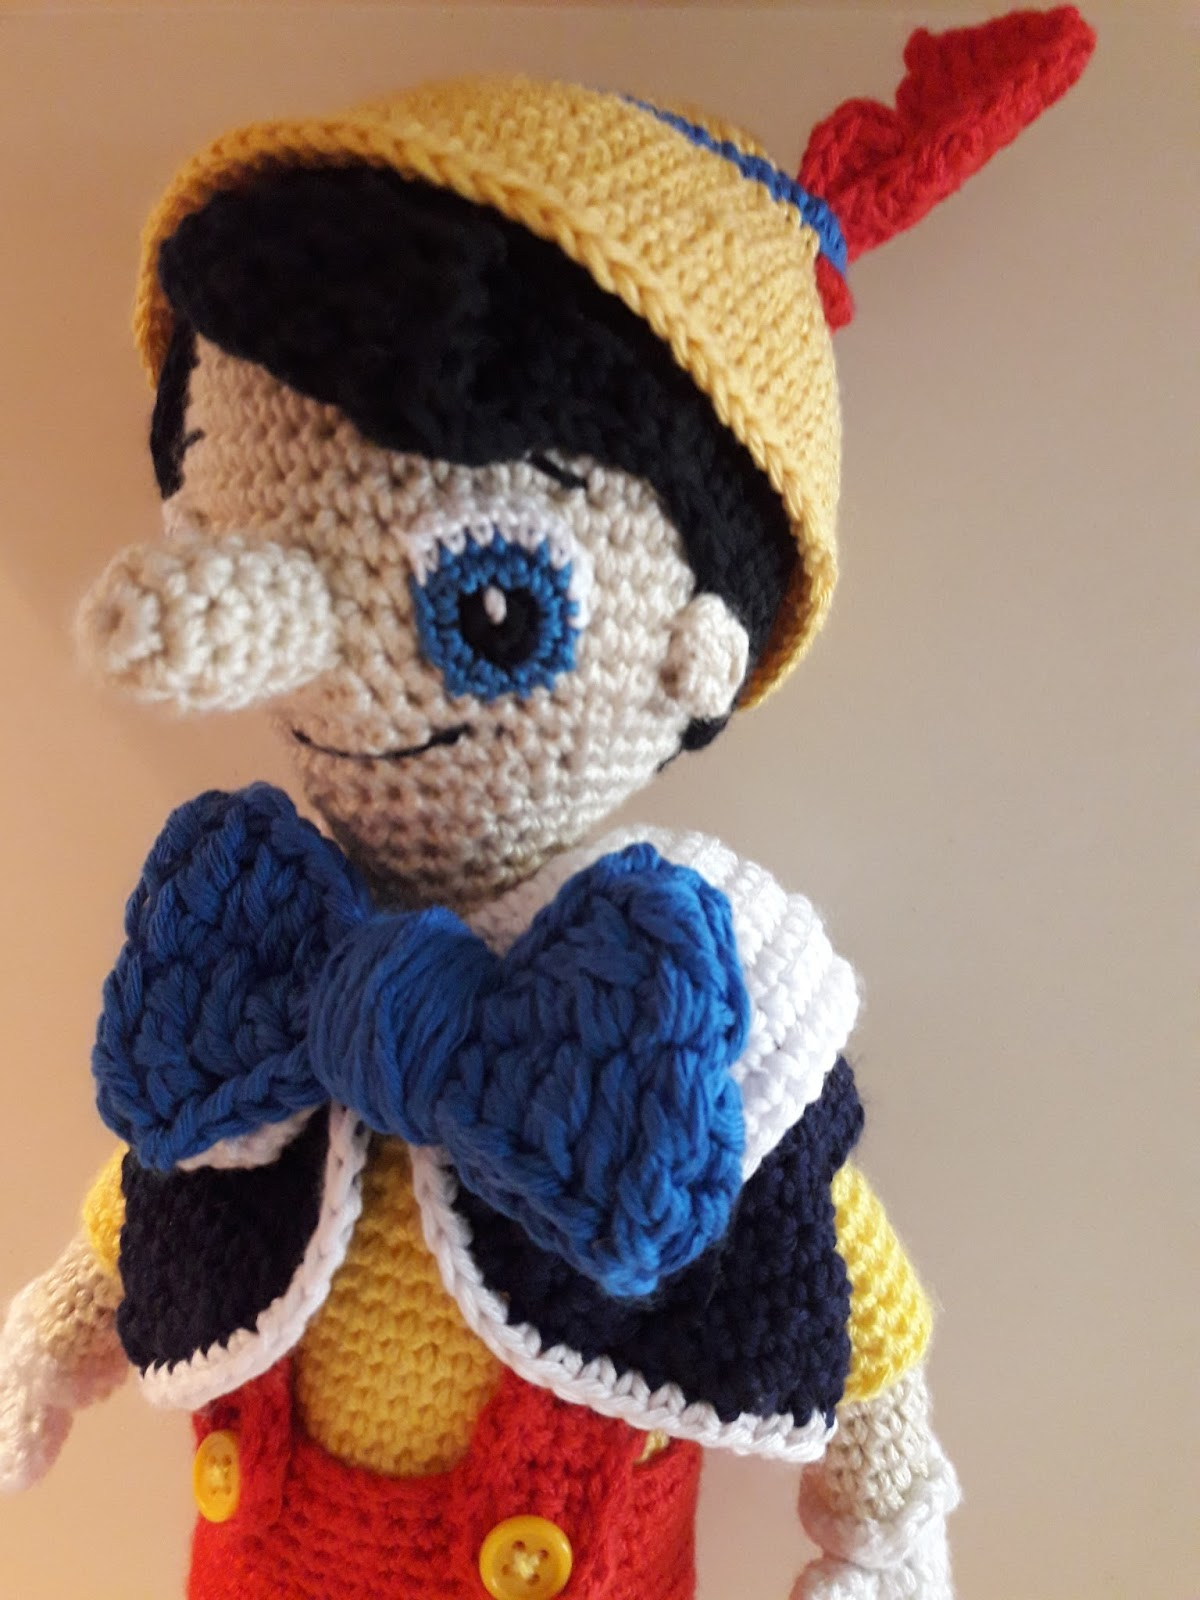 Amigurumi Dibujos Disney : By Clara crochet: Pinocho amigurumi